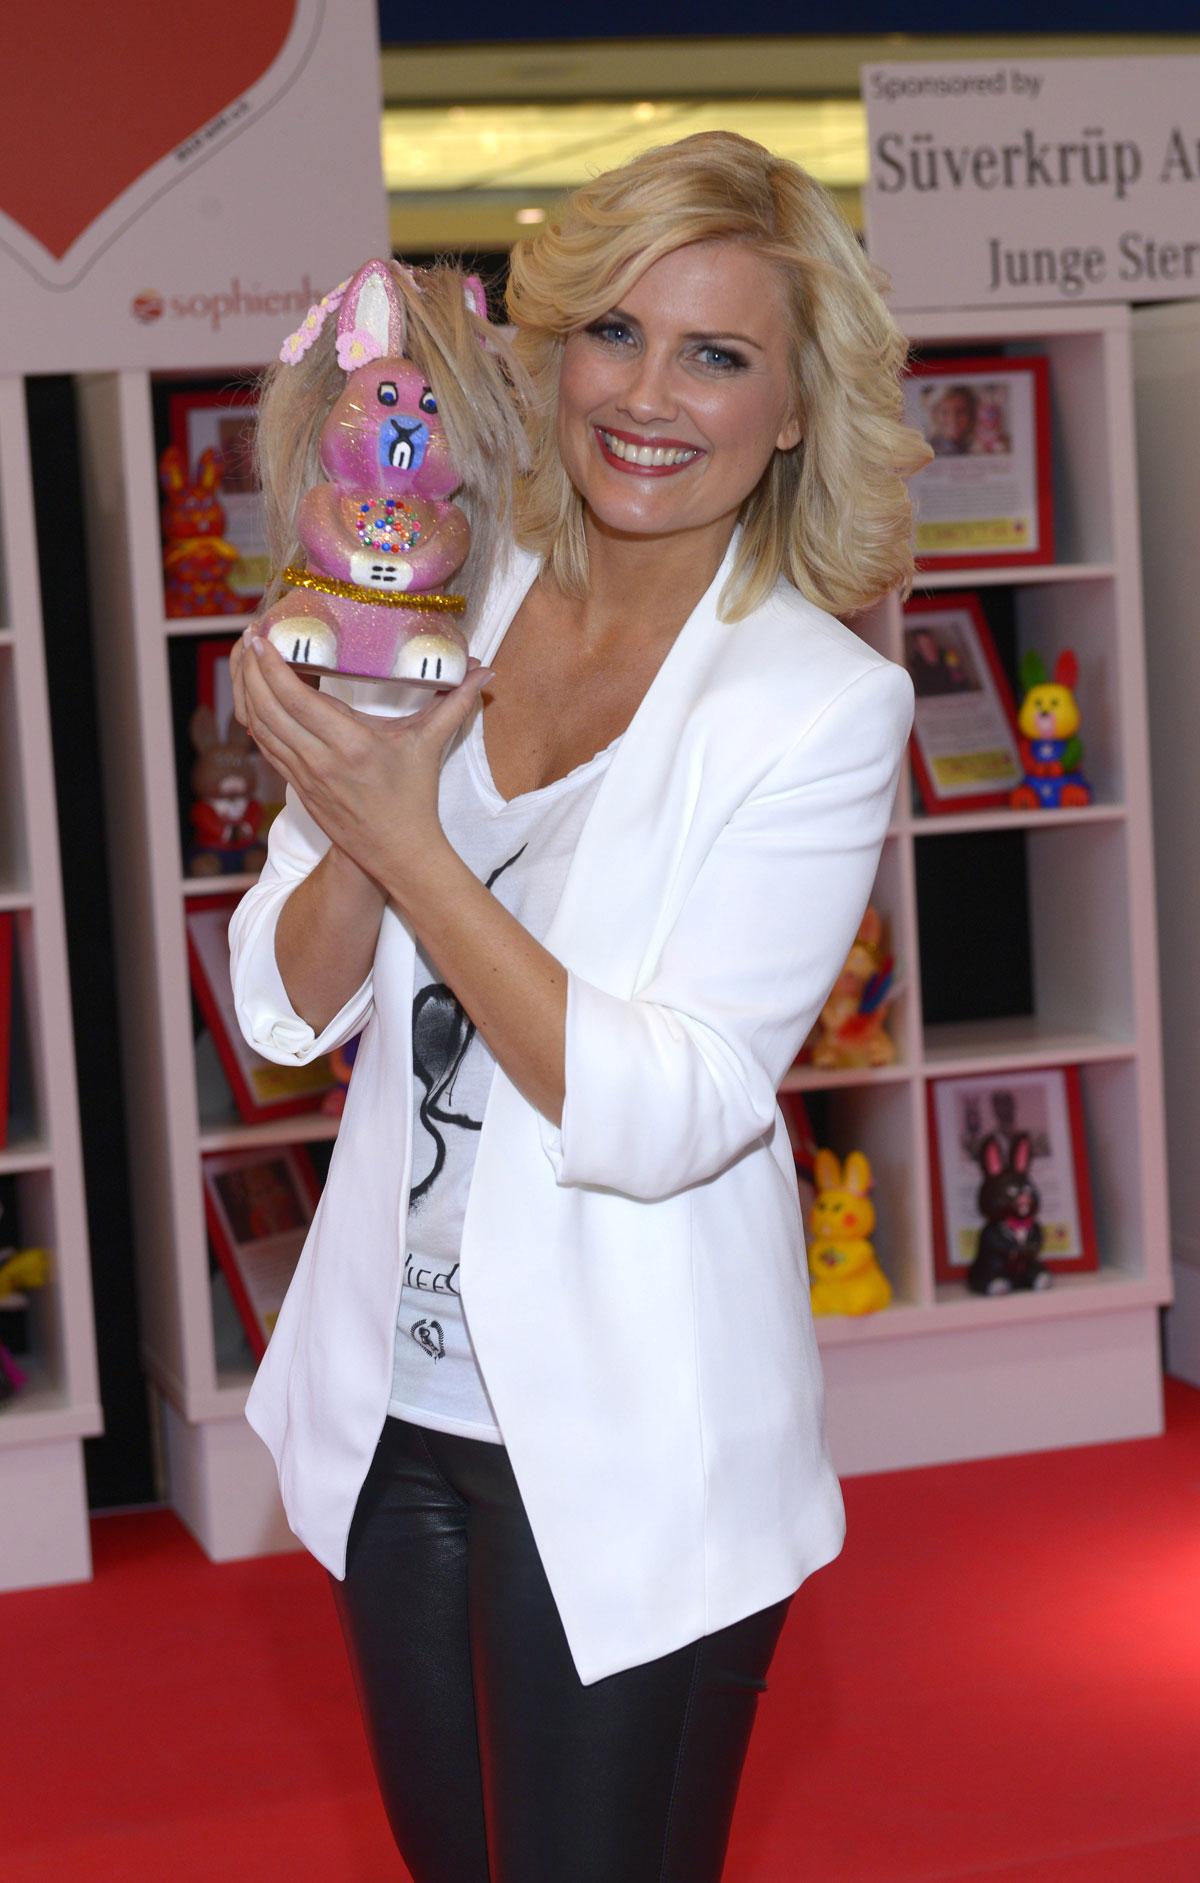 Jennifer Knable attends Heart for Children Charity Easter Bunny